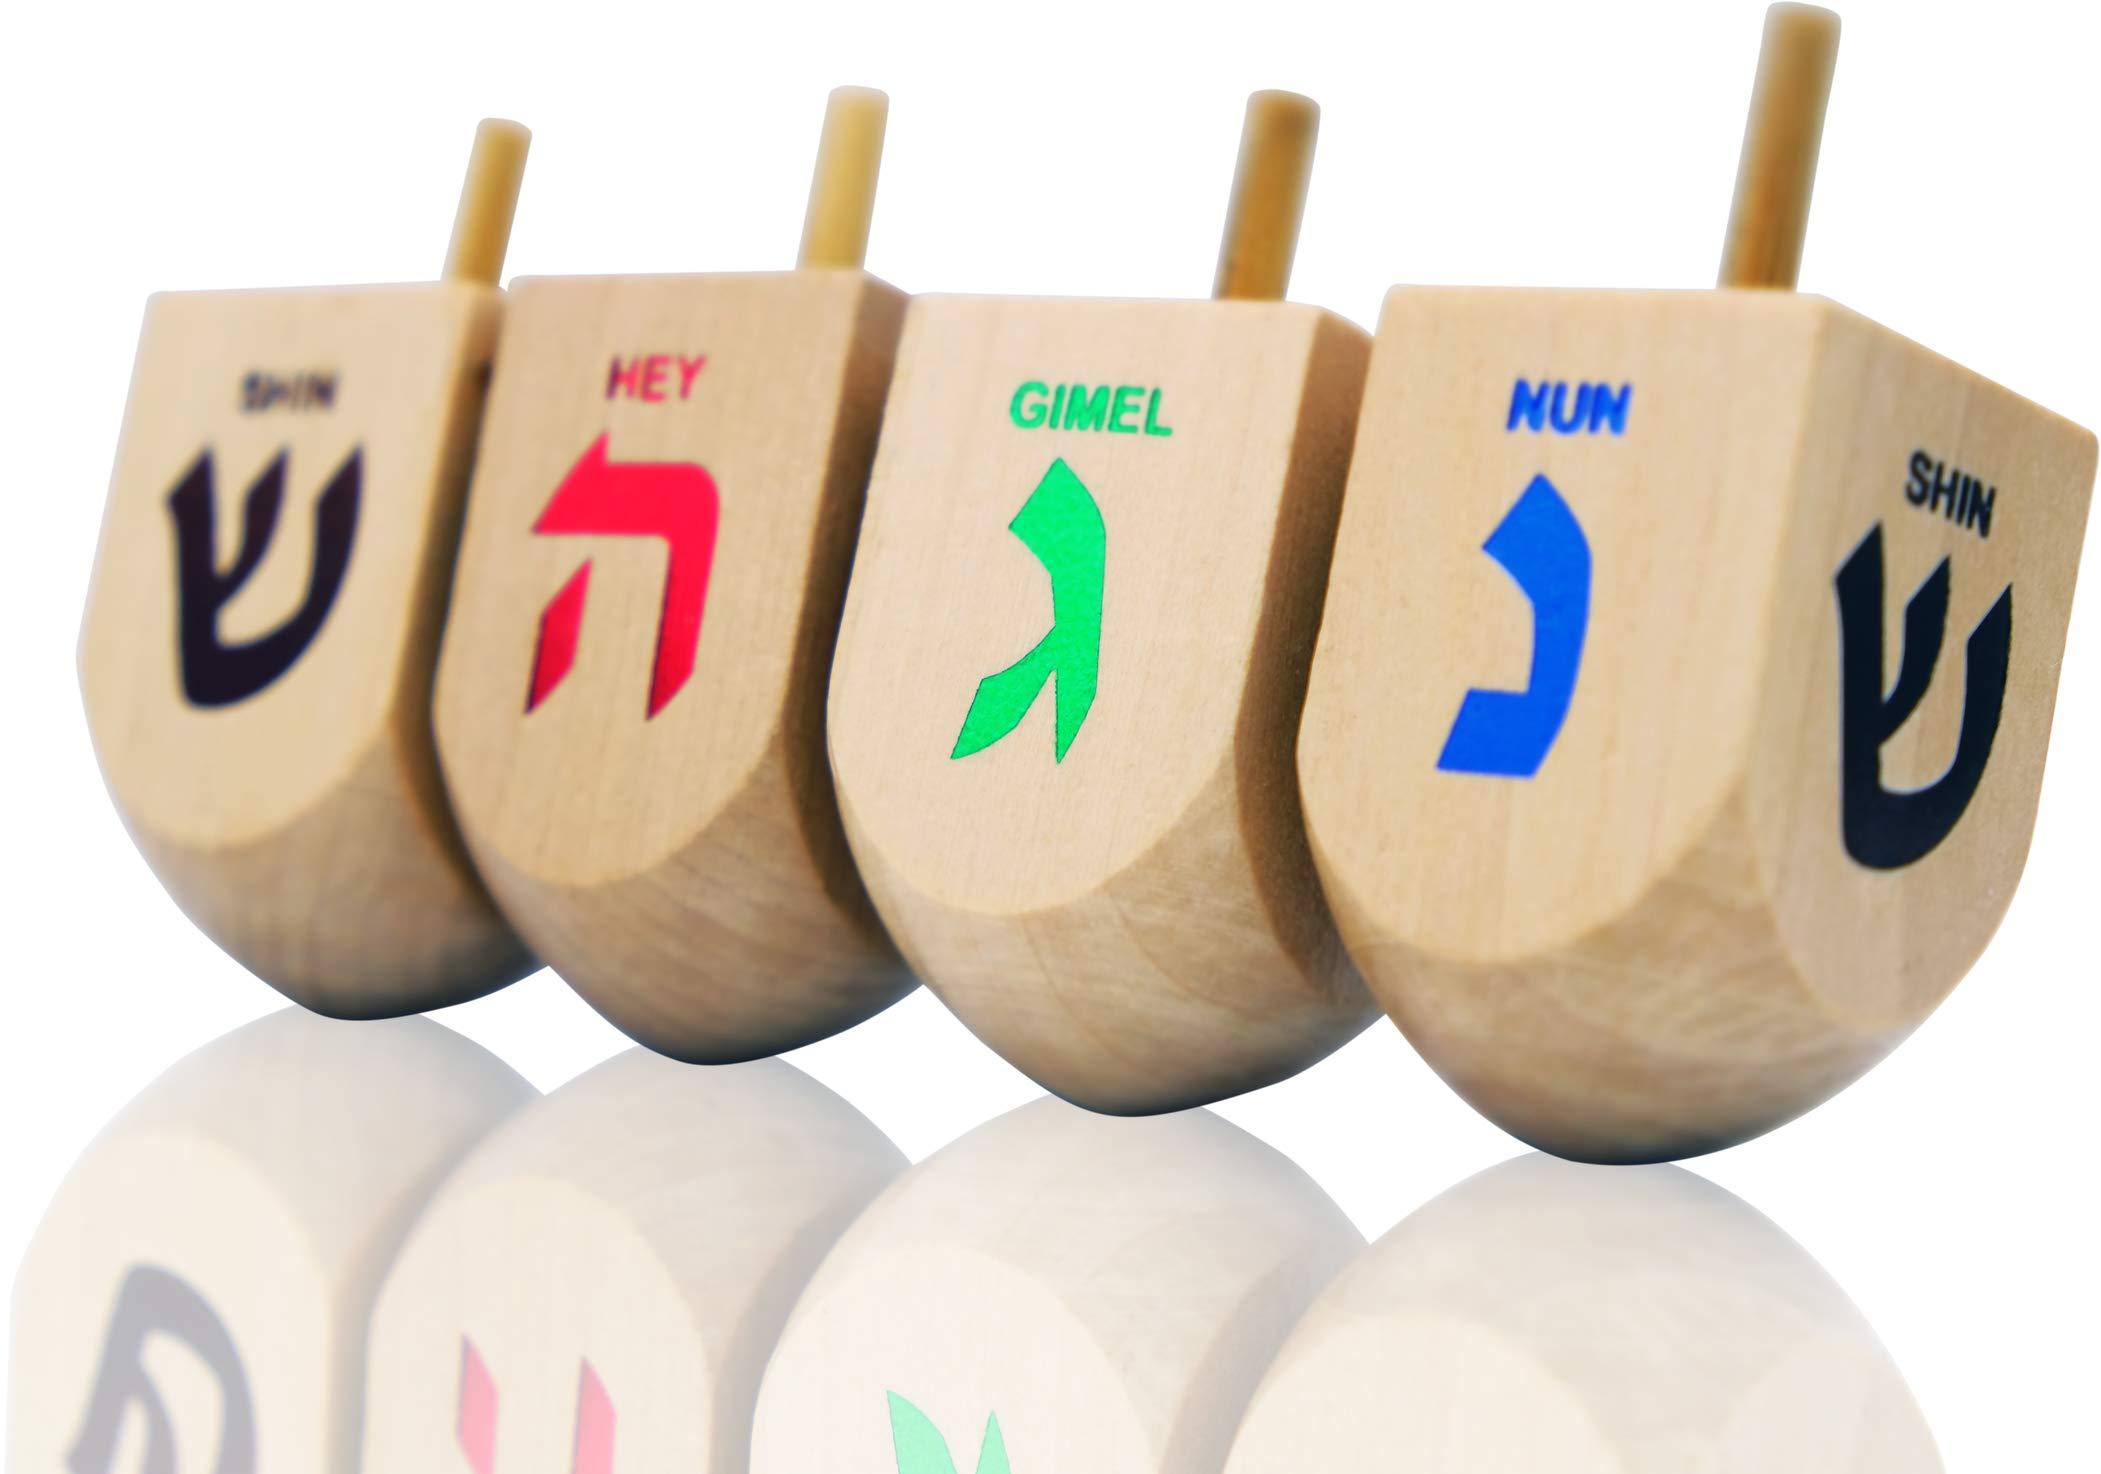 Hanukkah Dreidel Extra Large Wooden Dreidels Hand Painted - Includes Game Instruction Cards! (10-Pack XL Dreidels) by The Dreidel Company (Image #2)